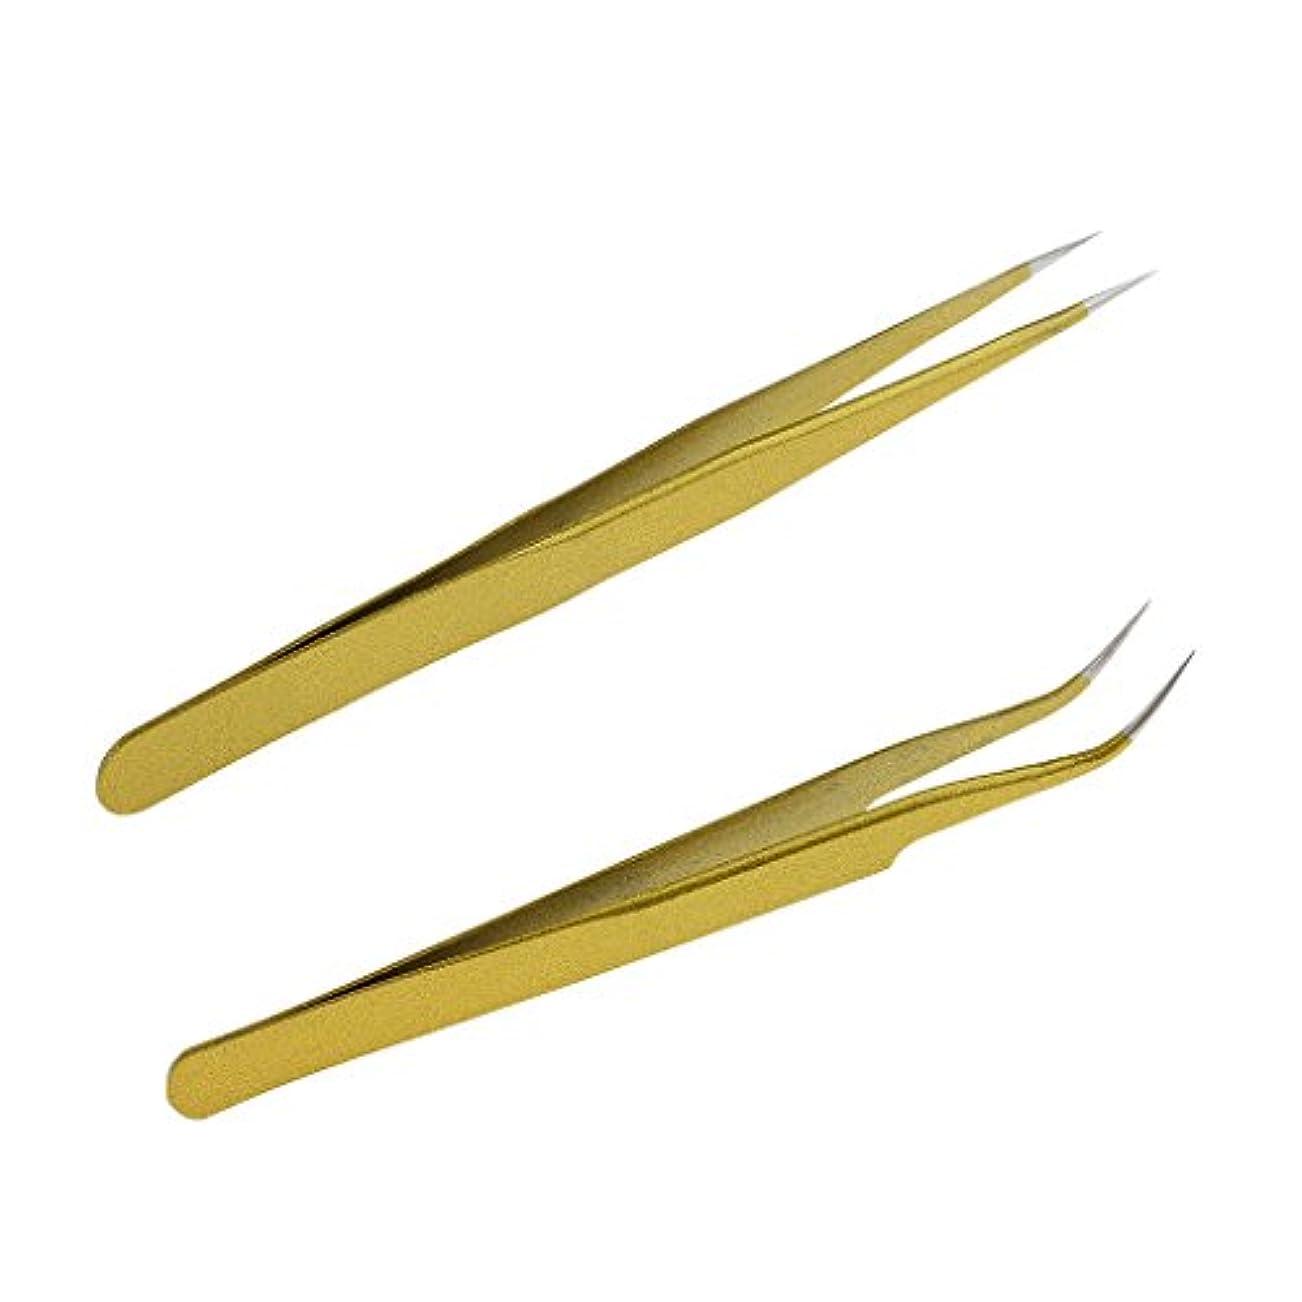 団結する資金石炭毛抜き ピンセット ステンレス 曲線 ストレート まつげエクステンション ゴールド 2本セット